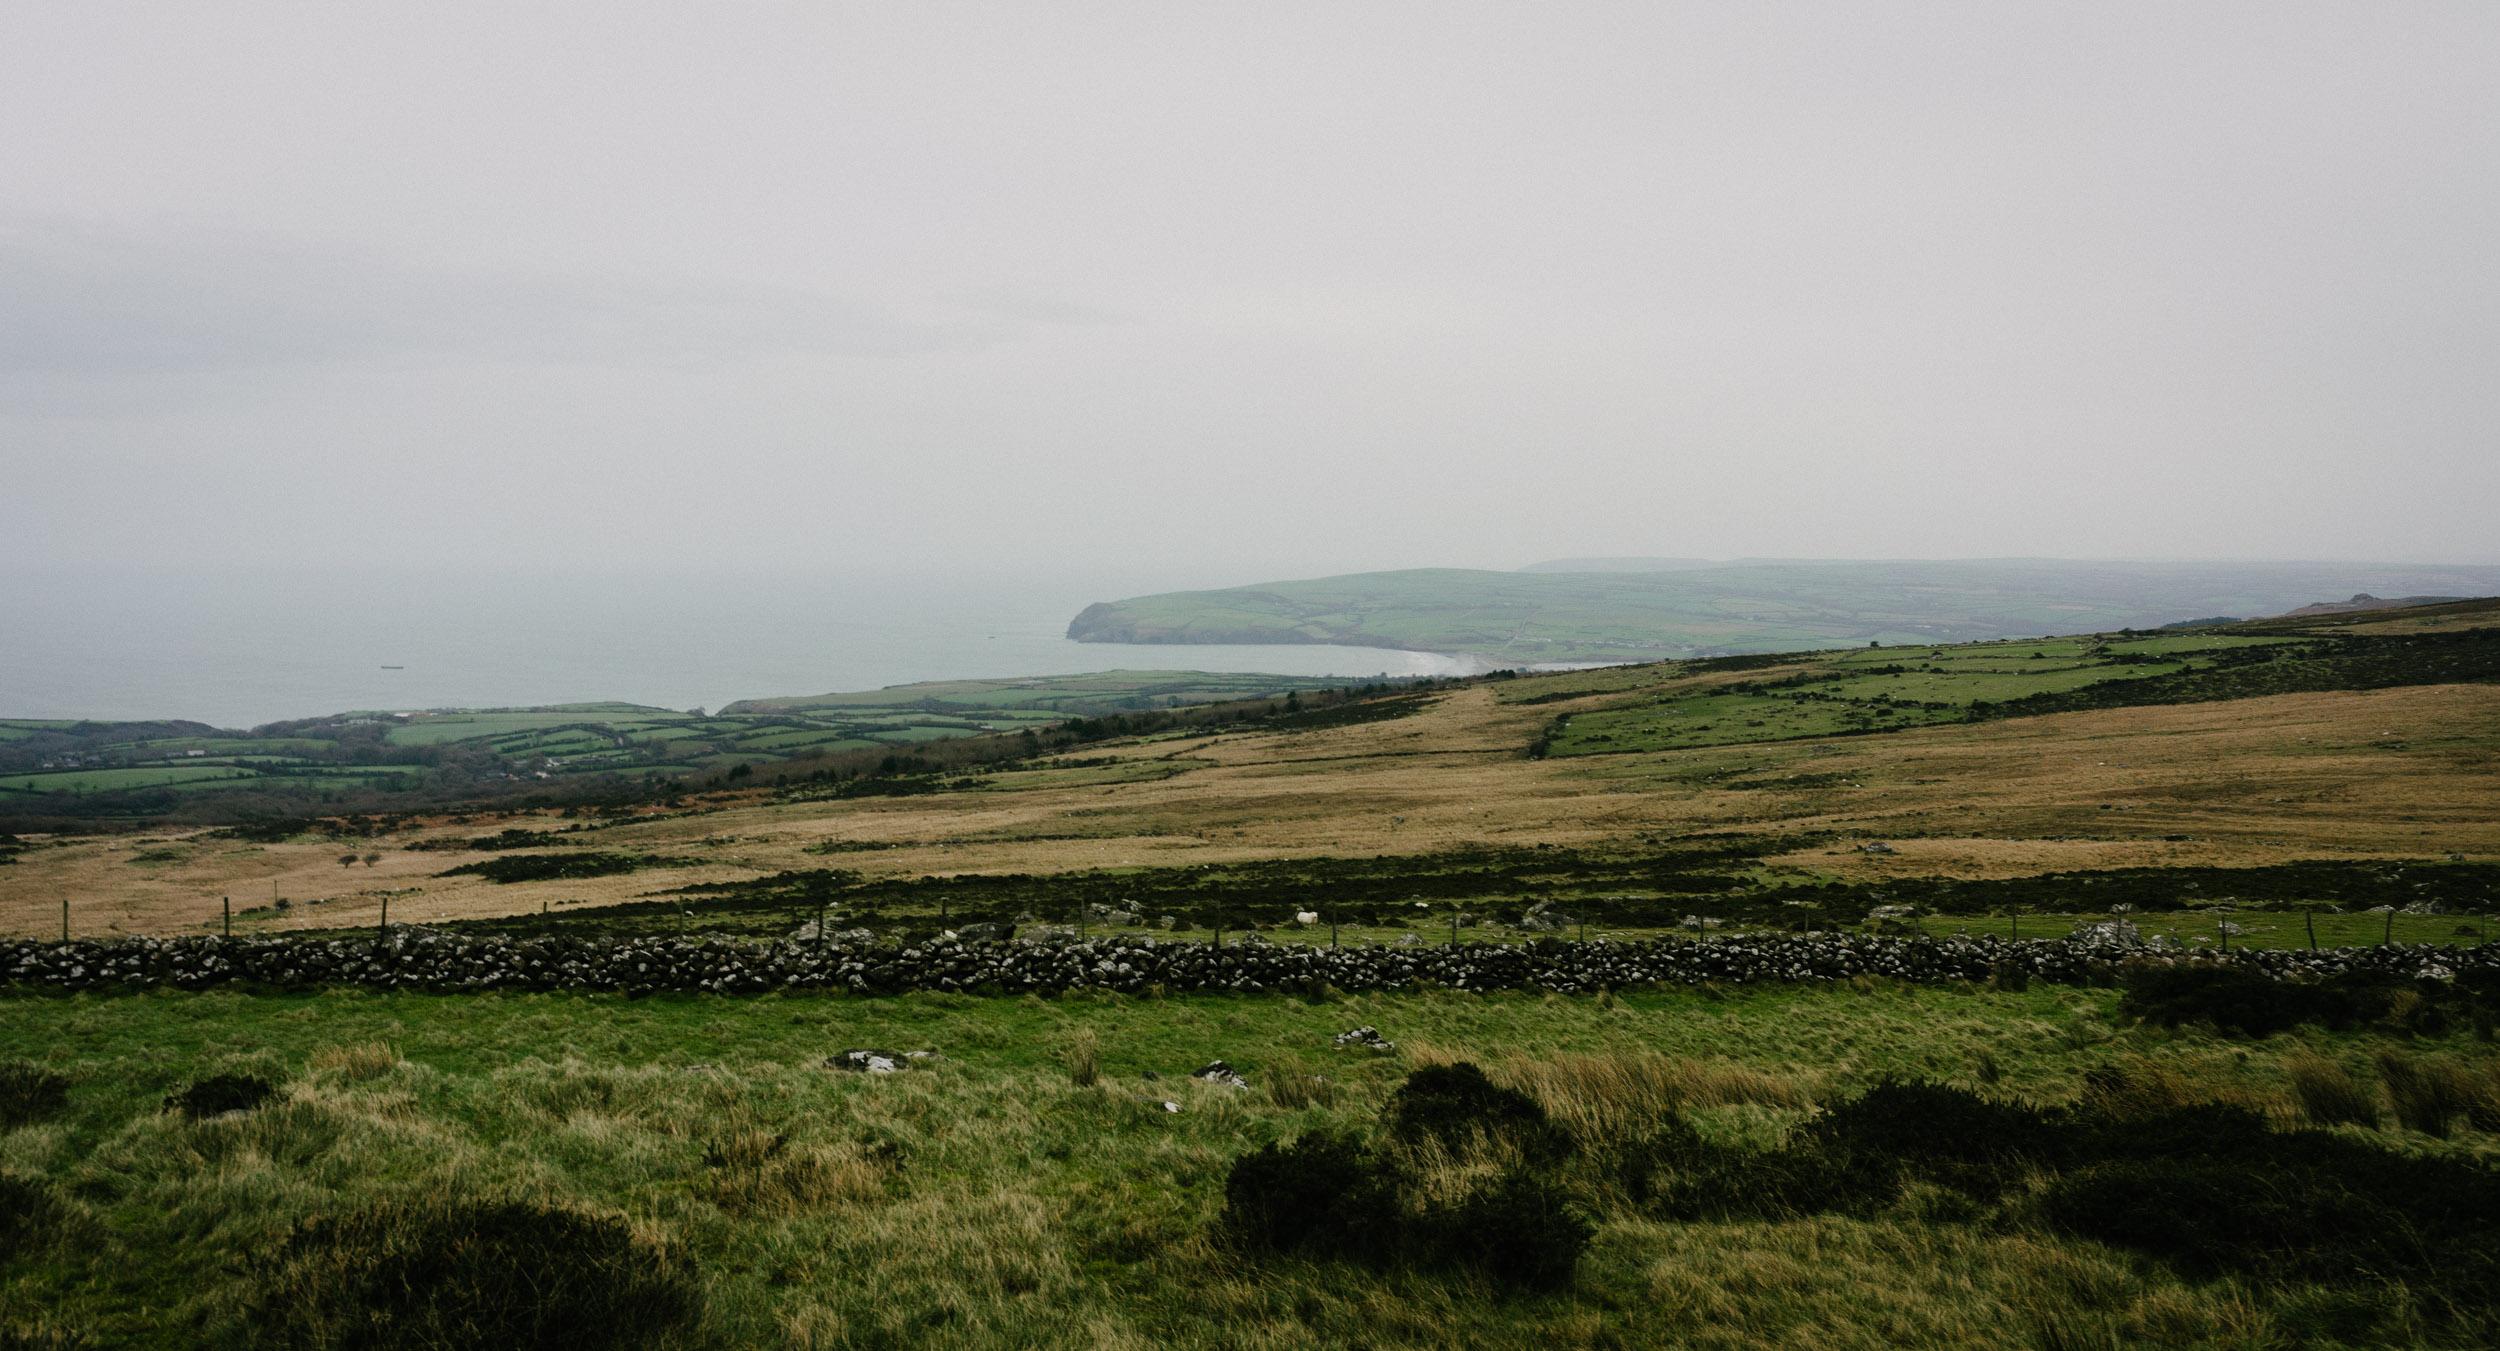 Mountain Biking in Wales-1022.jpg